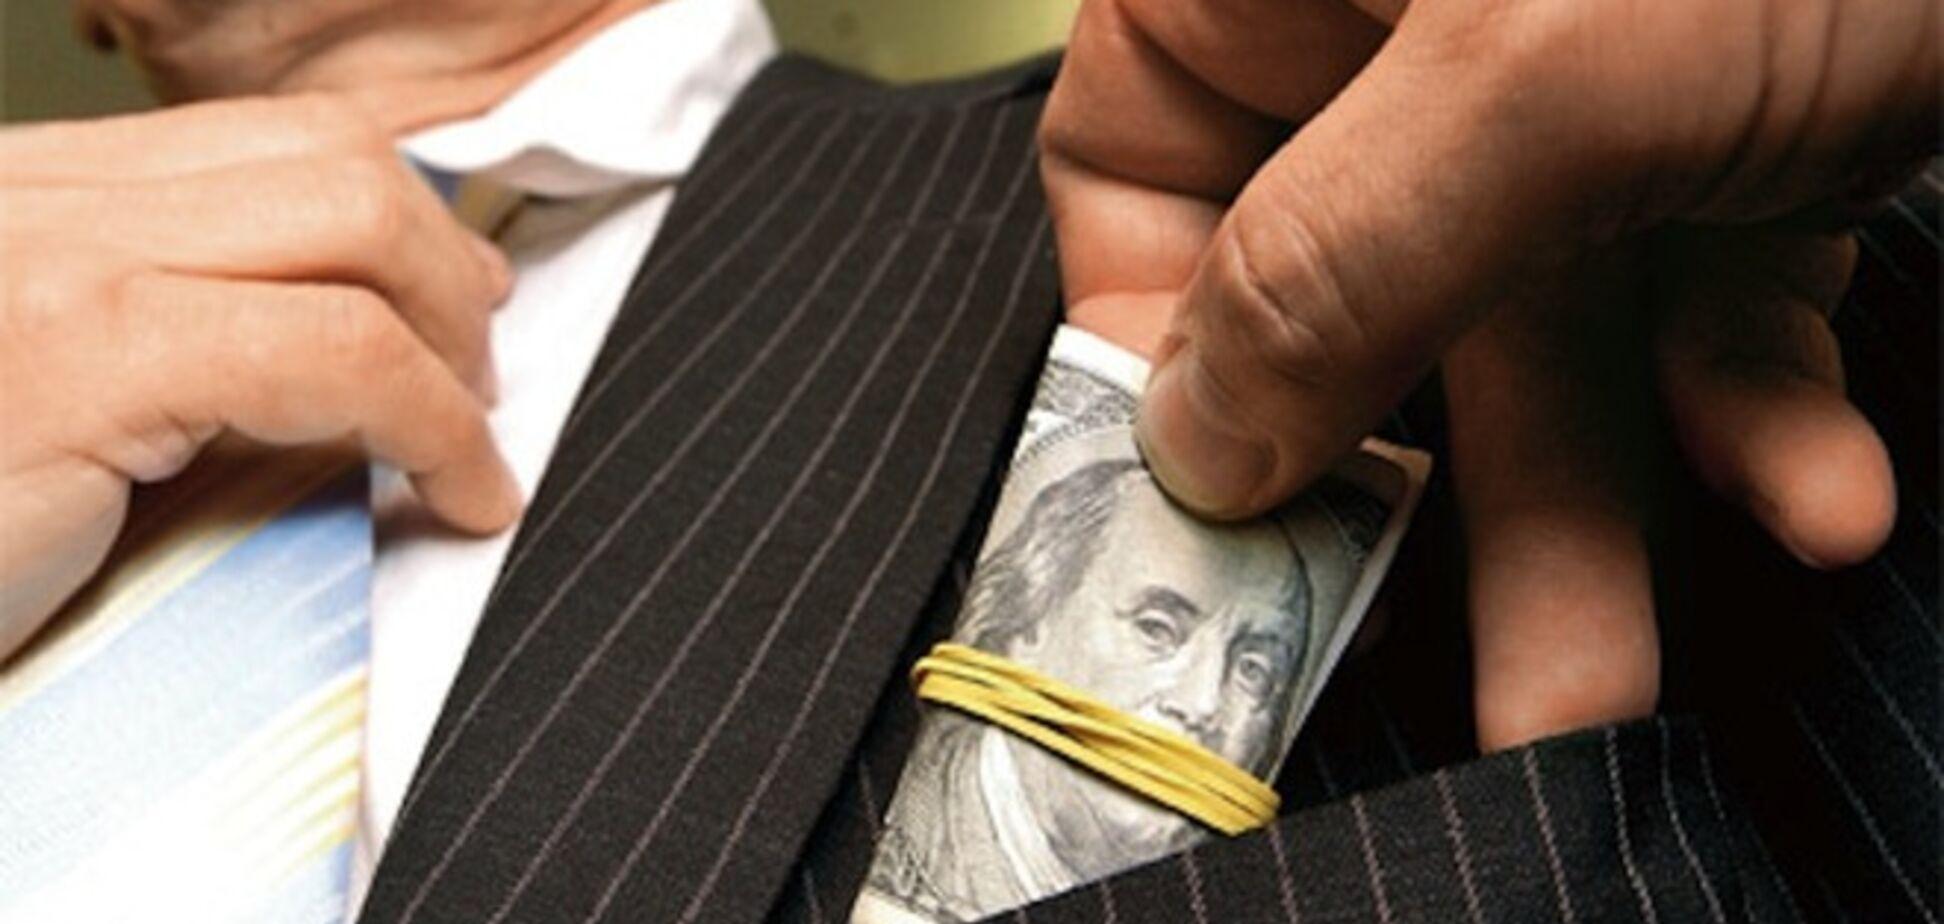 Для Олійника і Омельченка 'завіса опустилася' на хабарі в $ 90 тисяч - ЗМІ